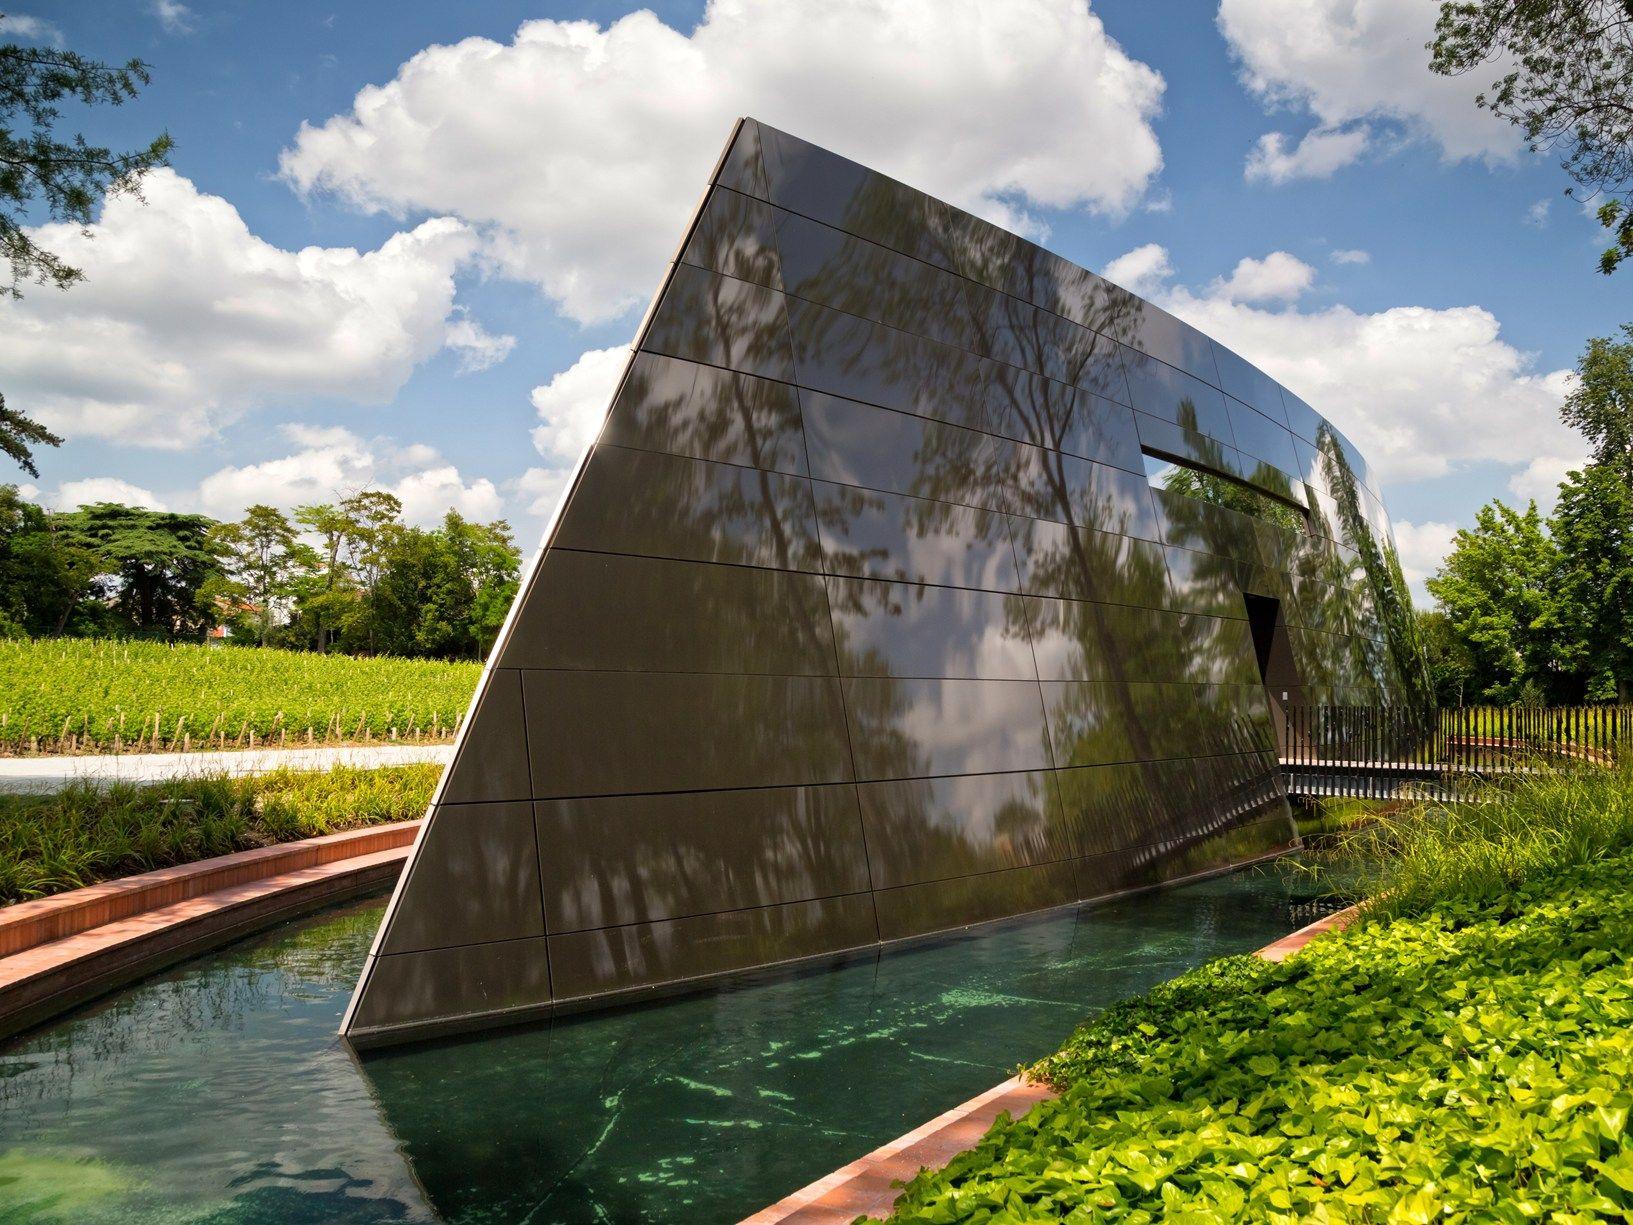 Vino e architettura: il debutto di Philippe Starck con una cantina